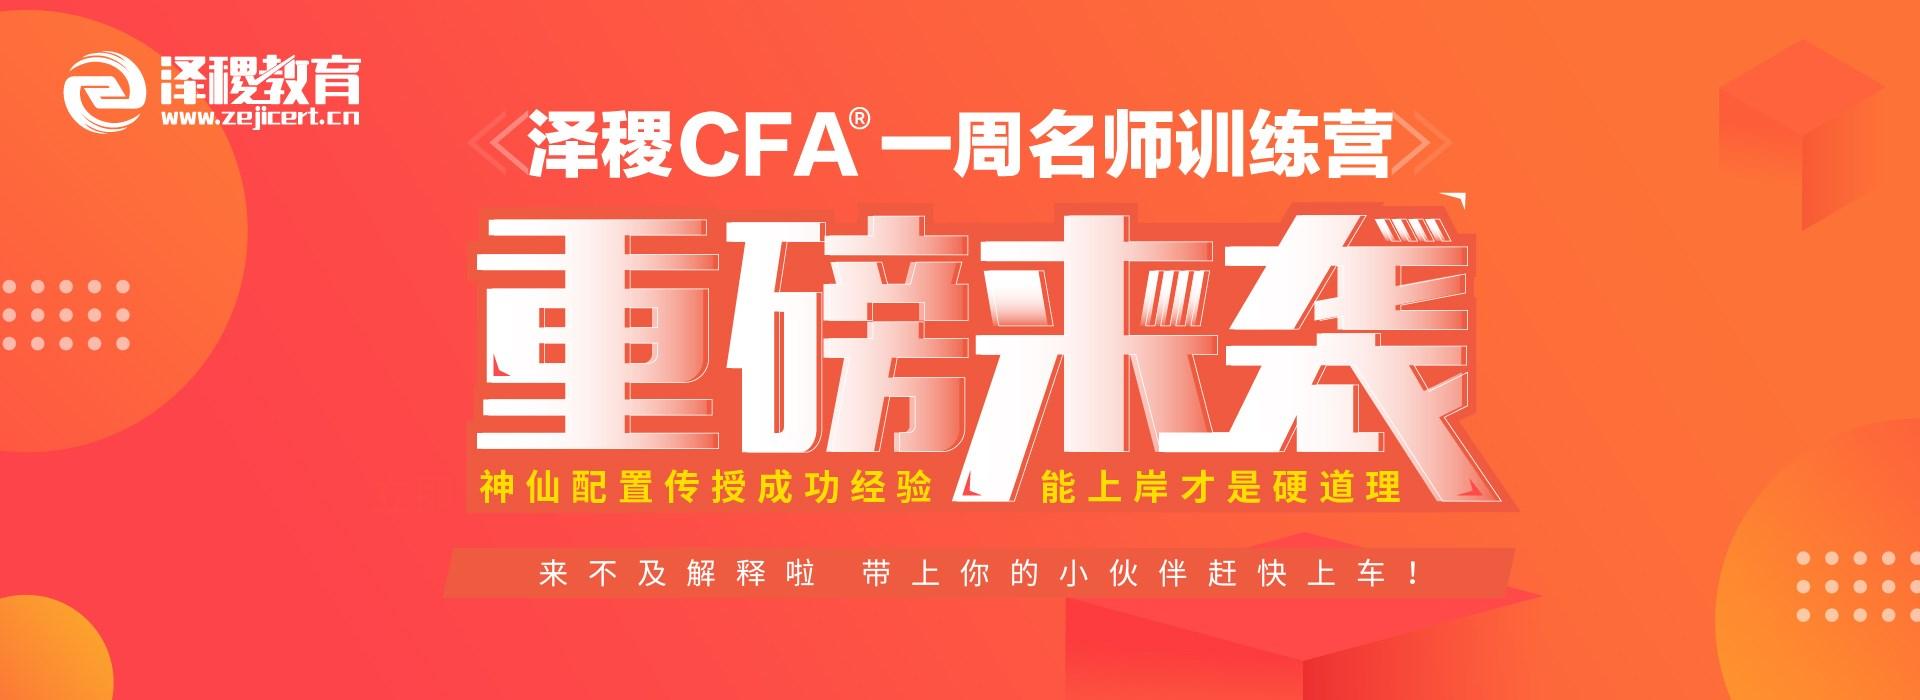 CFA0元學